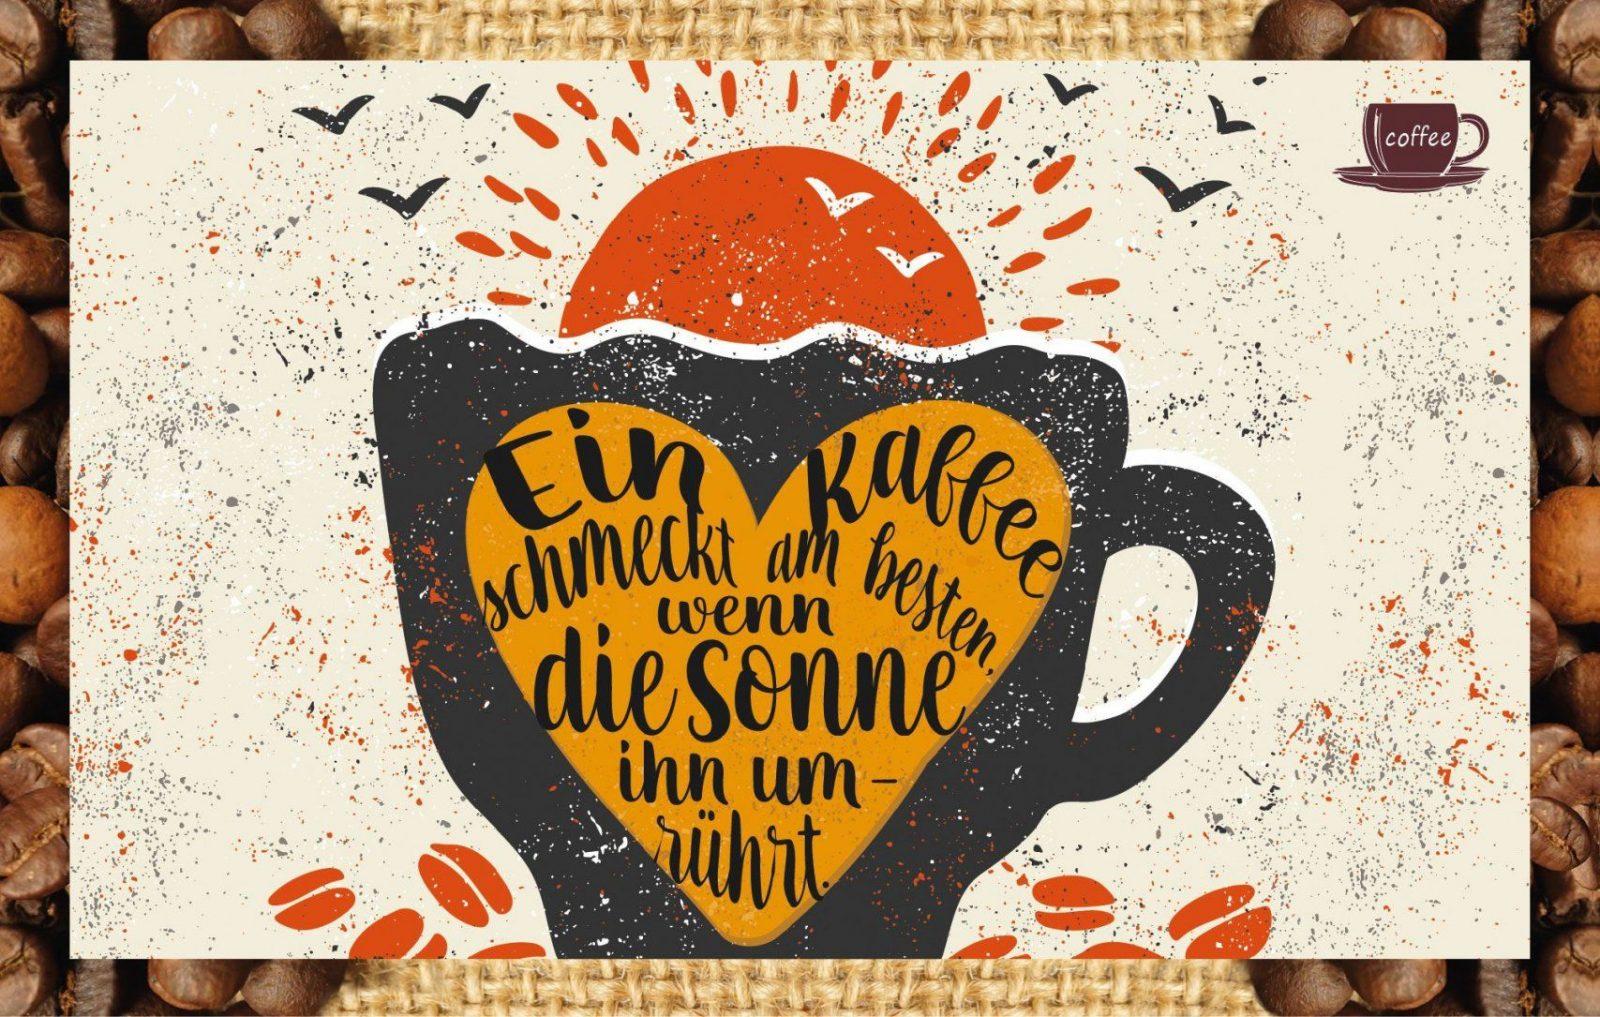 Ein Kaffee Schmeckt Am Besten Wenn Die Sonne Ihn Umrührt Von Engeln von Welcher Kaffee Schmeckt Am Besten Photo